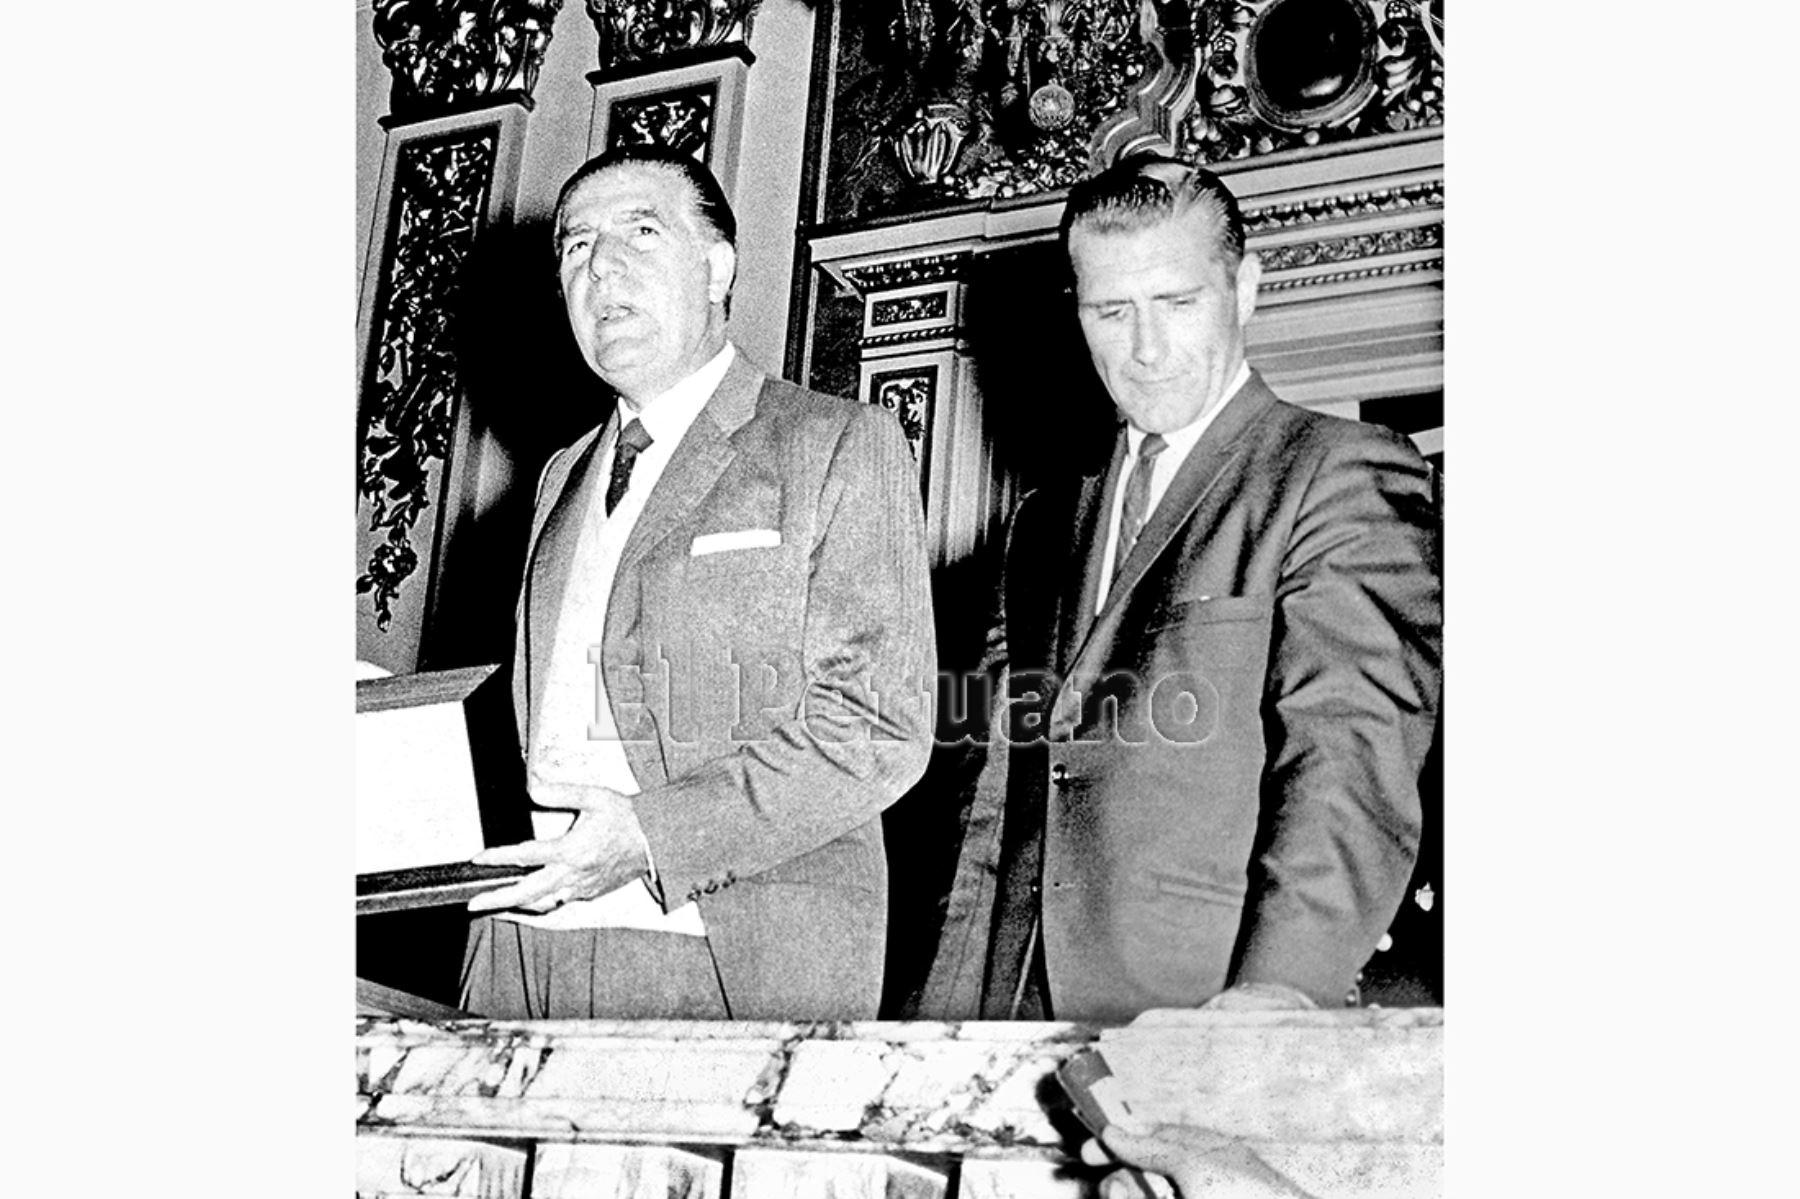 Lima - 13 octubre 1966 / El presidente Fernando Belaúnde Terry recibió en Palacio de Gobierno a los astronautas nortenamericanos Neil Armstrong y Richard Gordon. Foto: Archivo Histórico de EL PERUANO